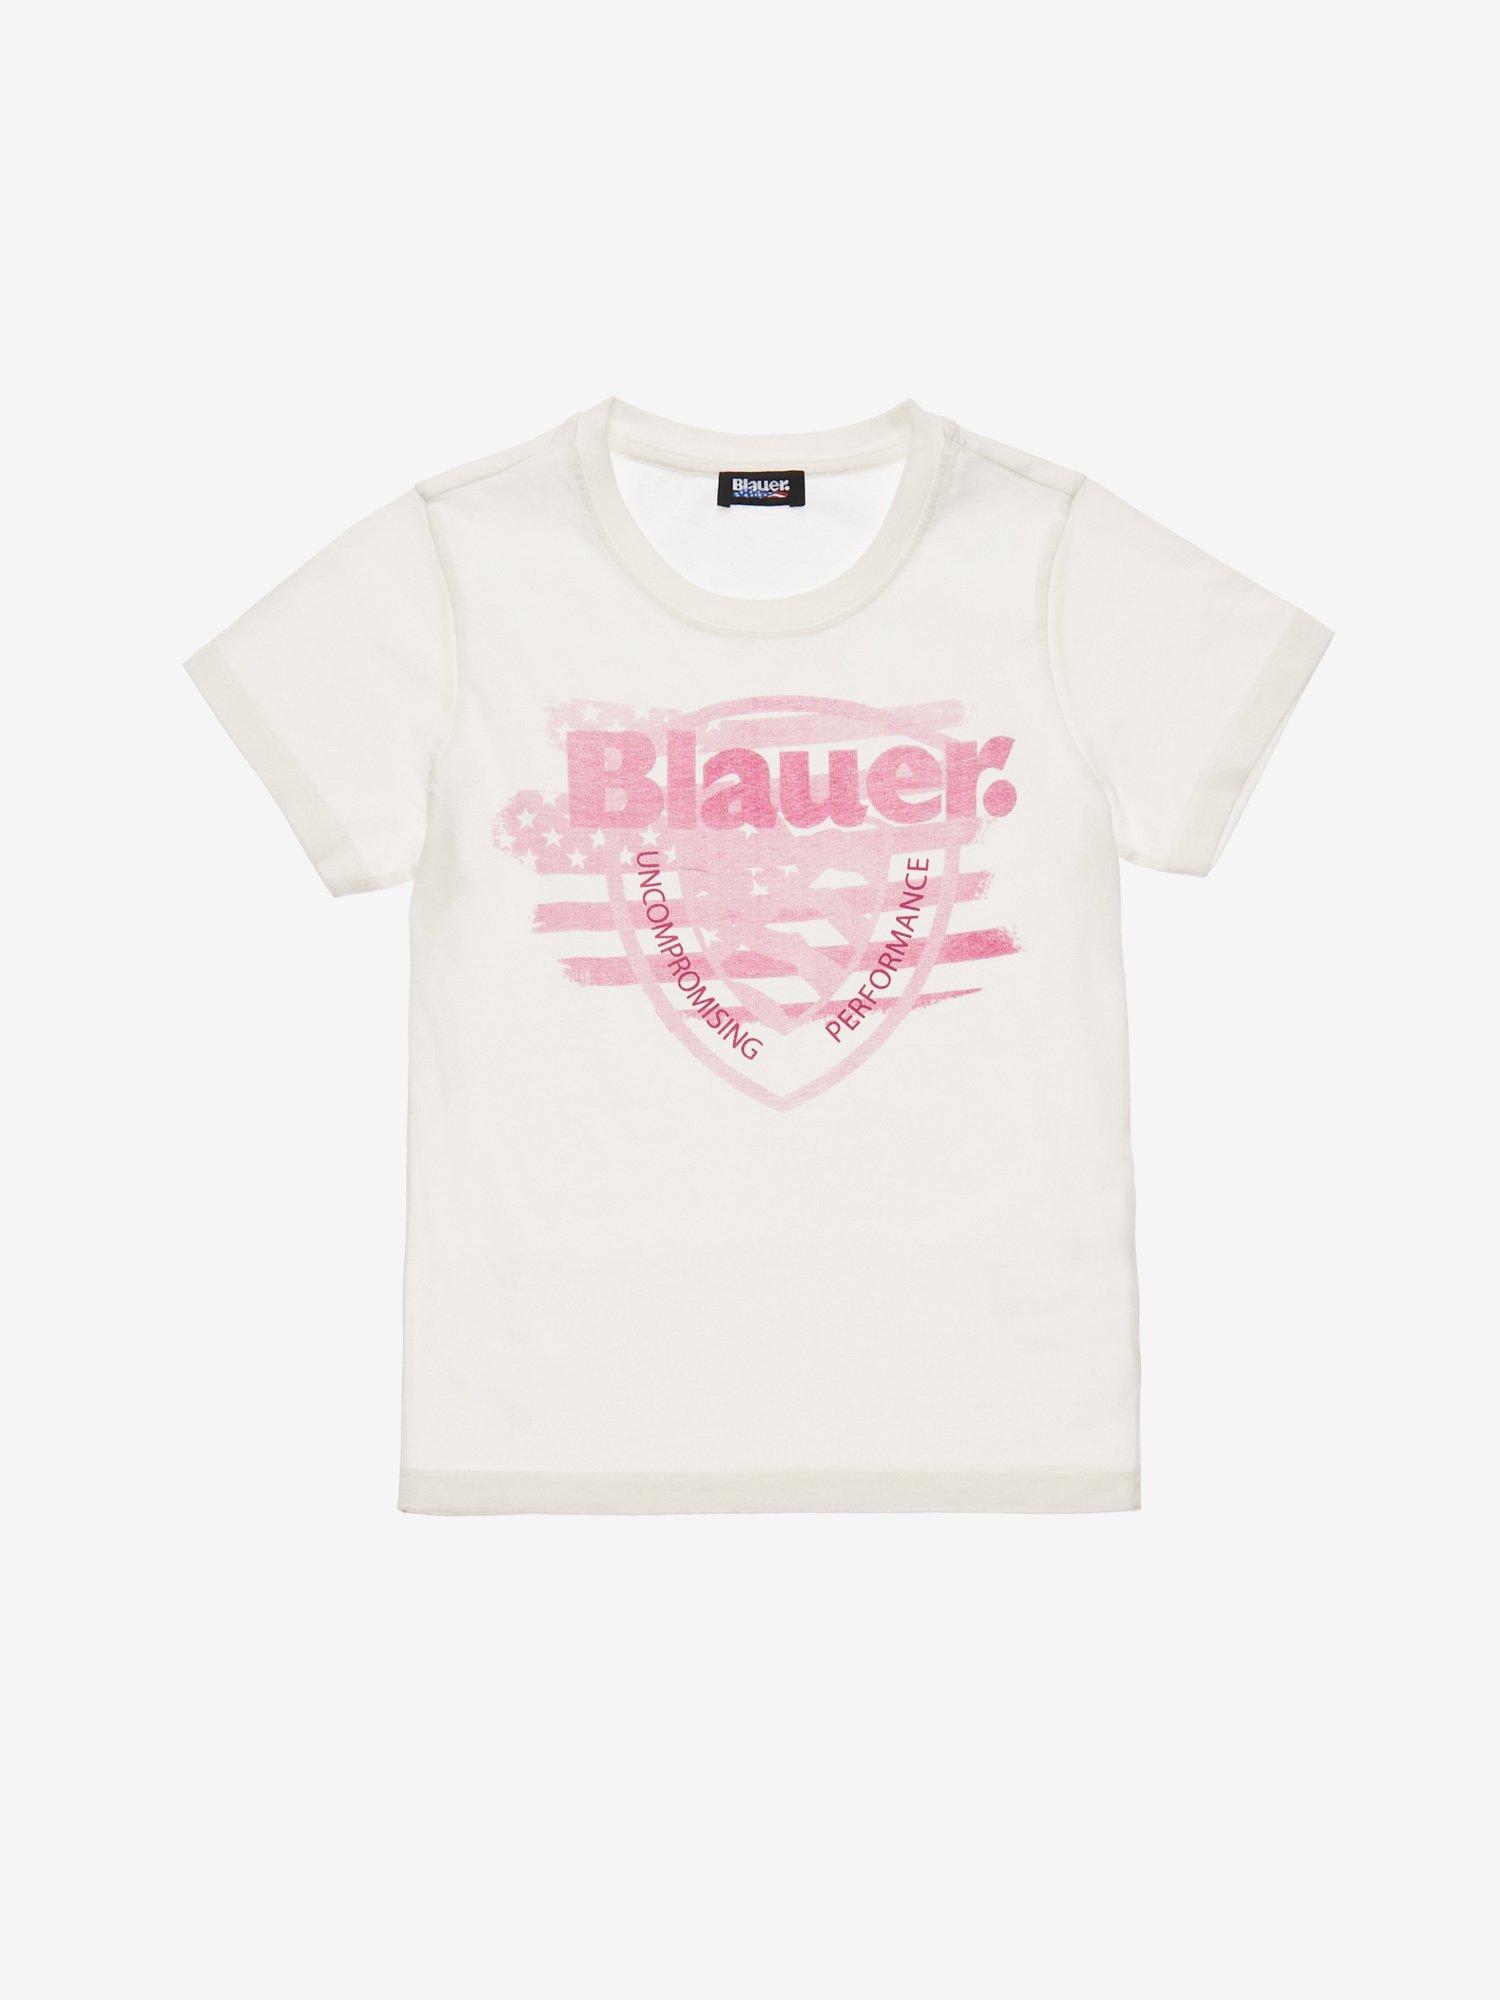 T-SHIRT JUNIOR SCHILD BLAUER USA - Blauer